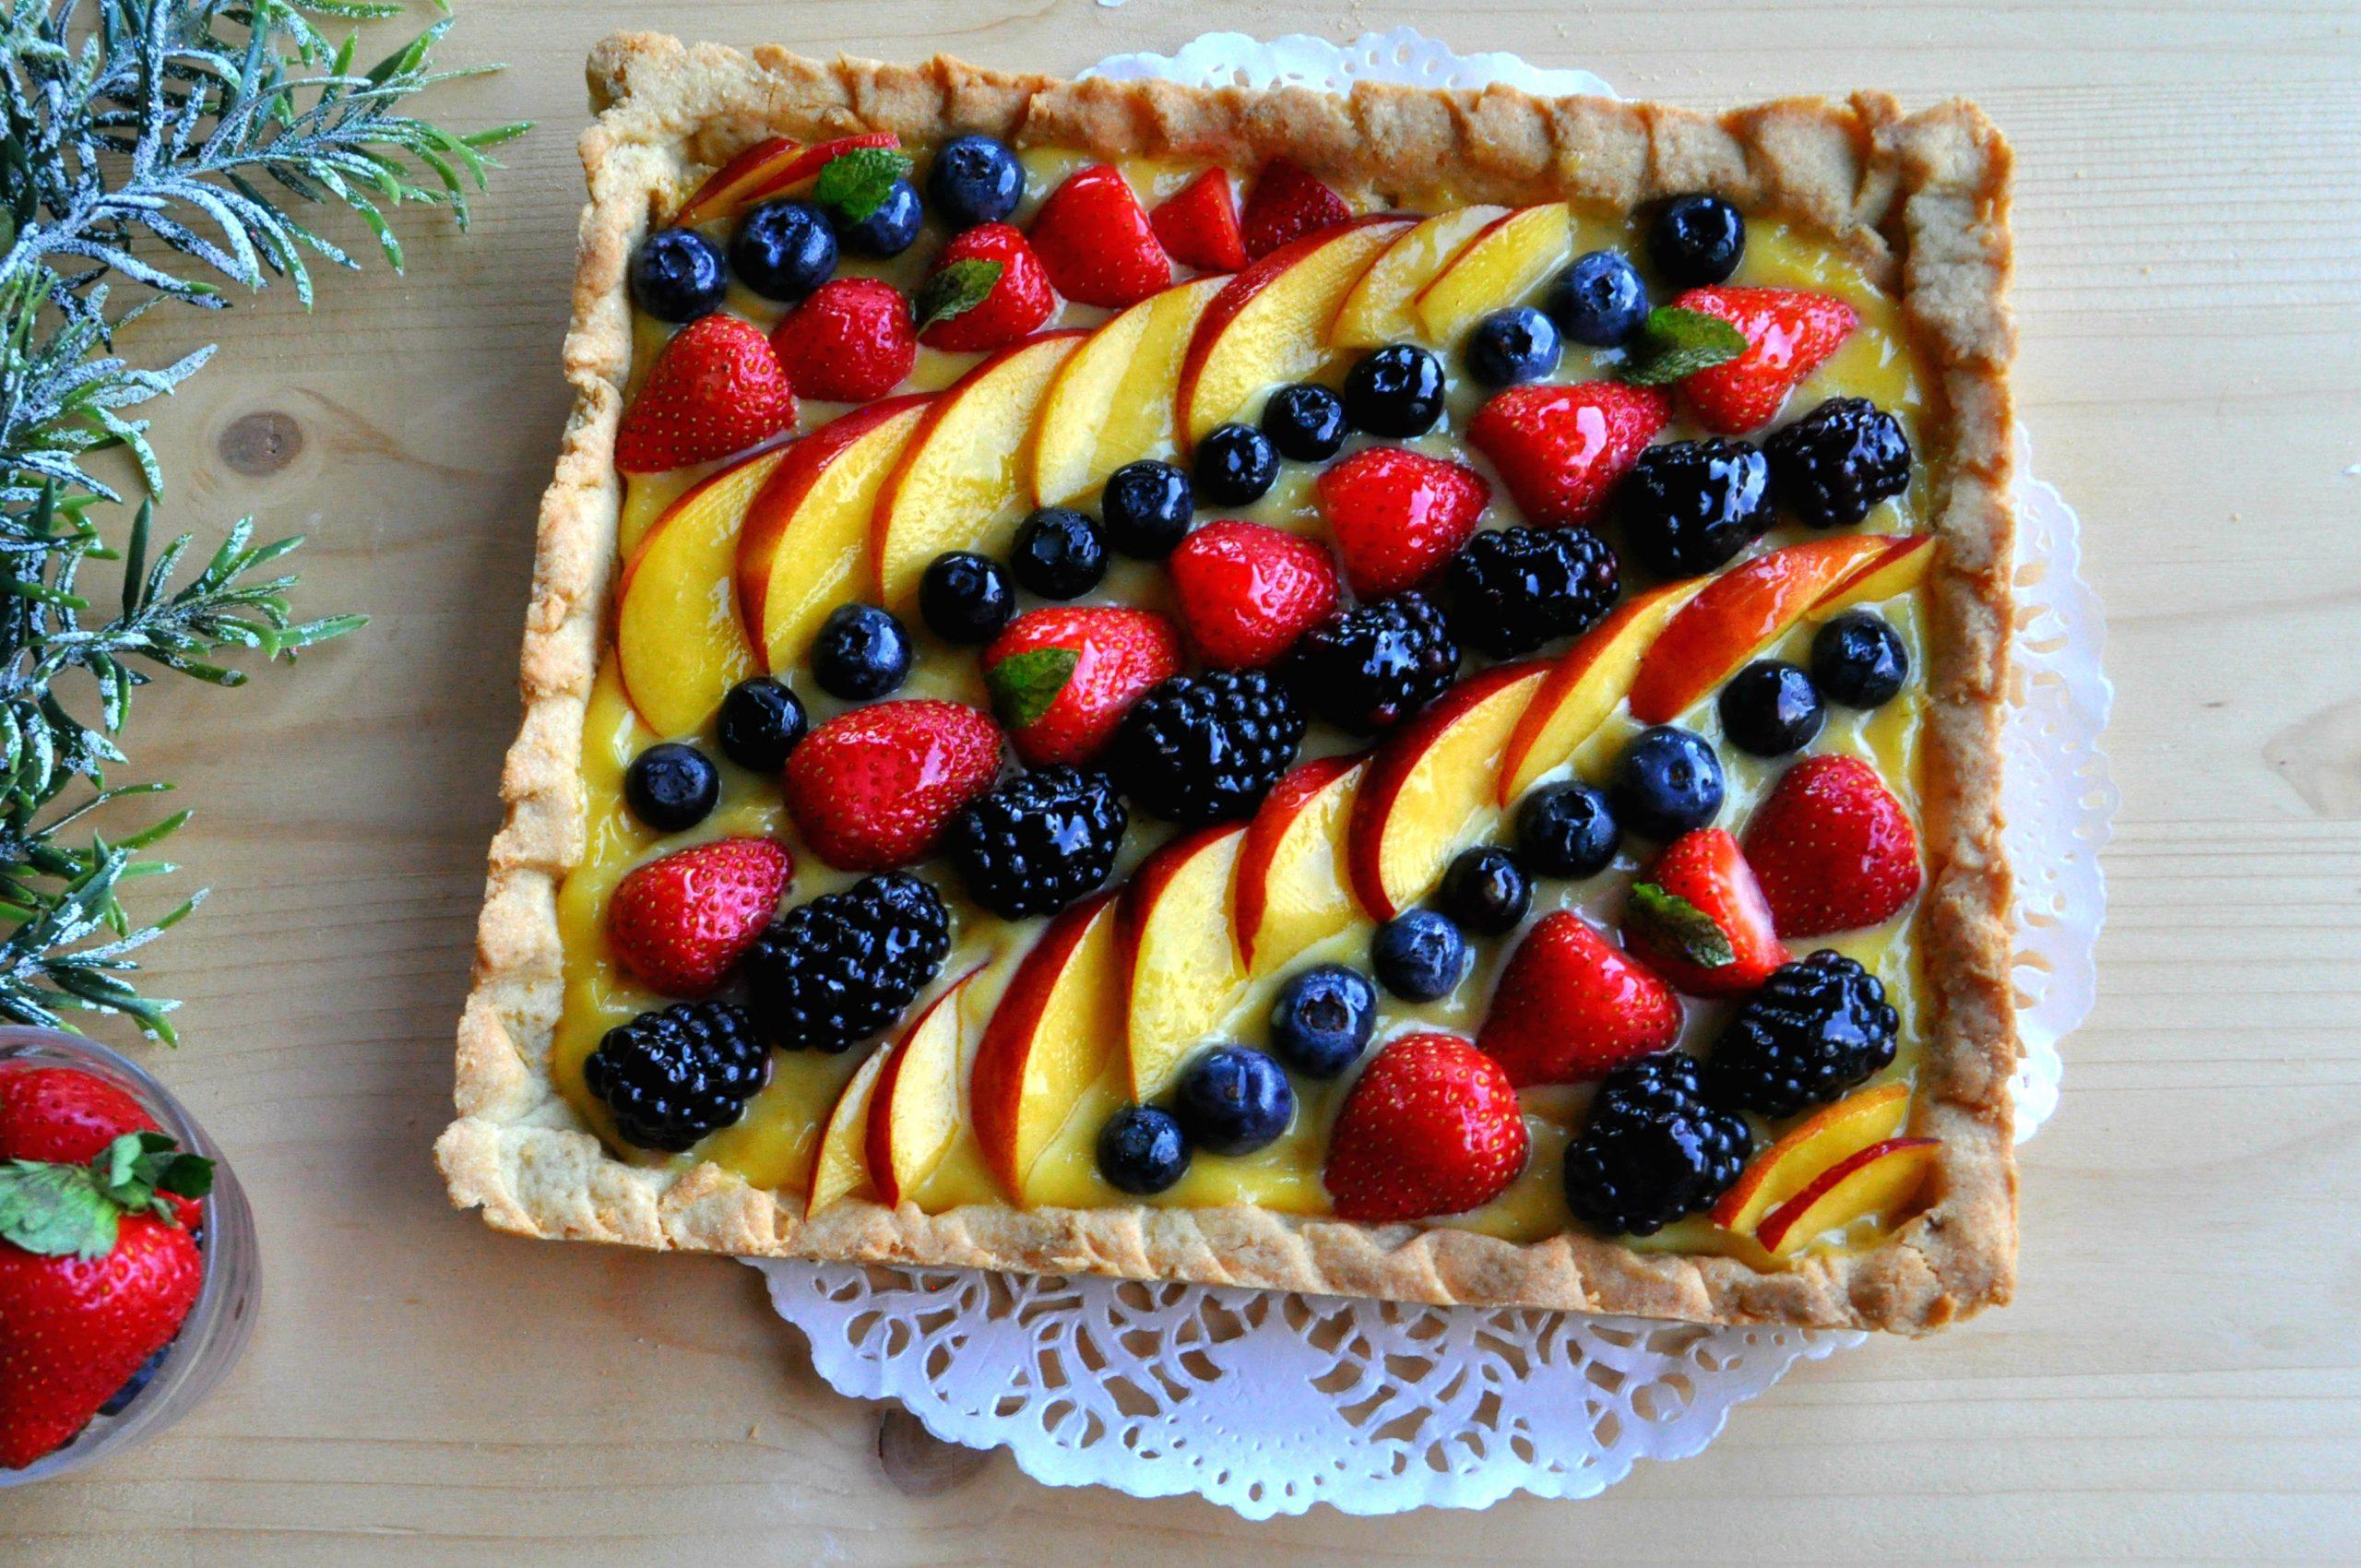 Crostata crema al cioccolato bianco e frutta